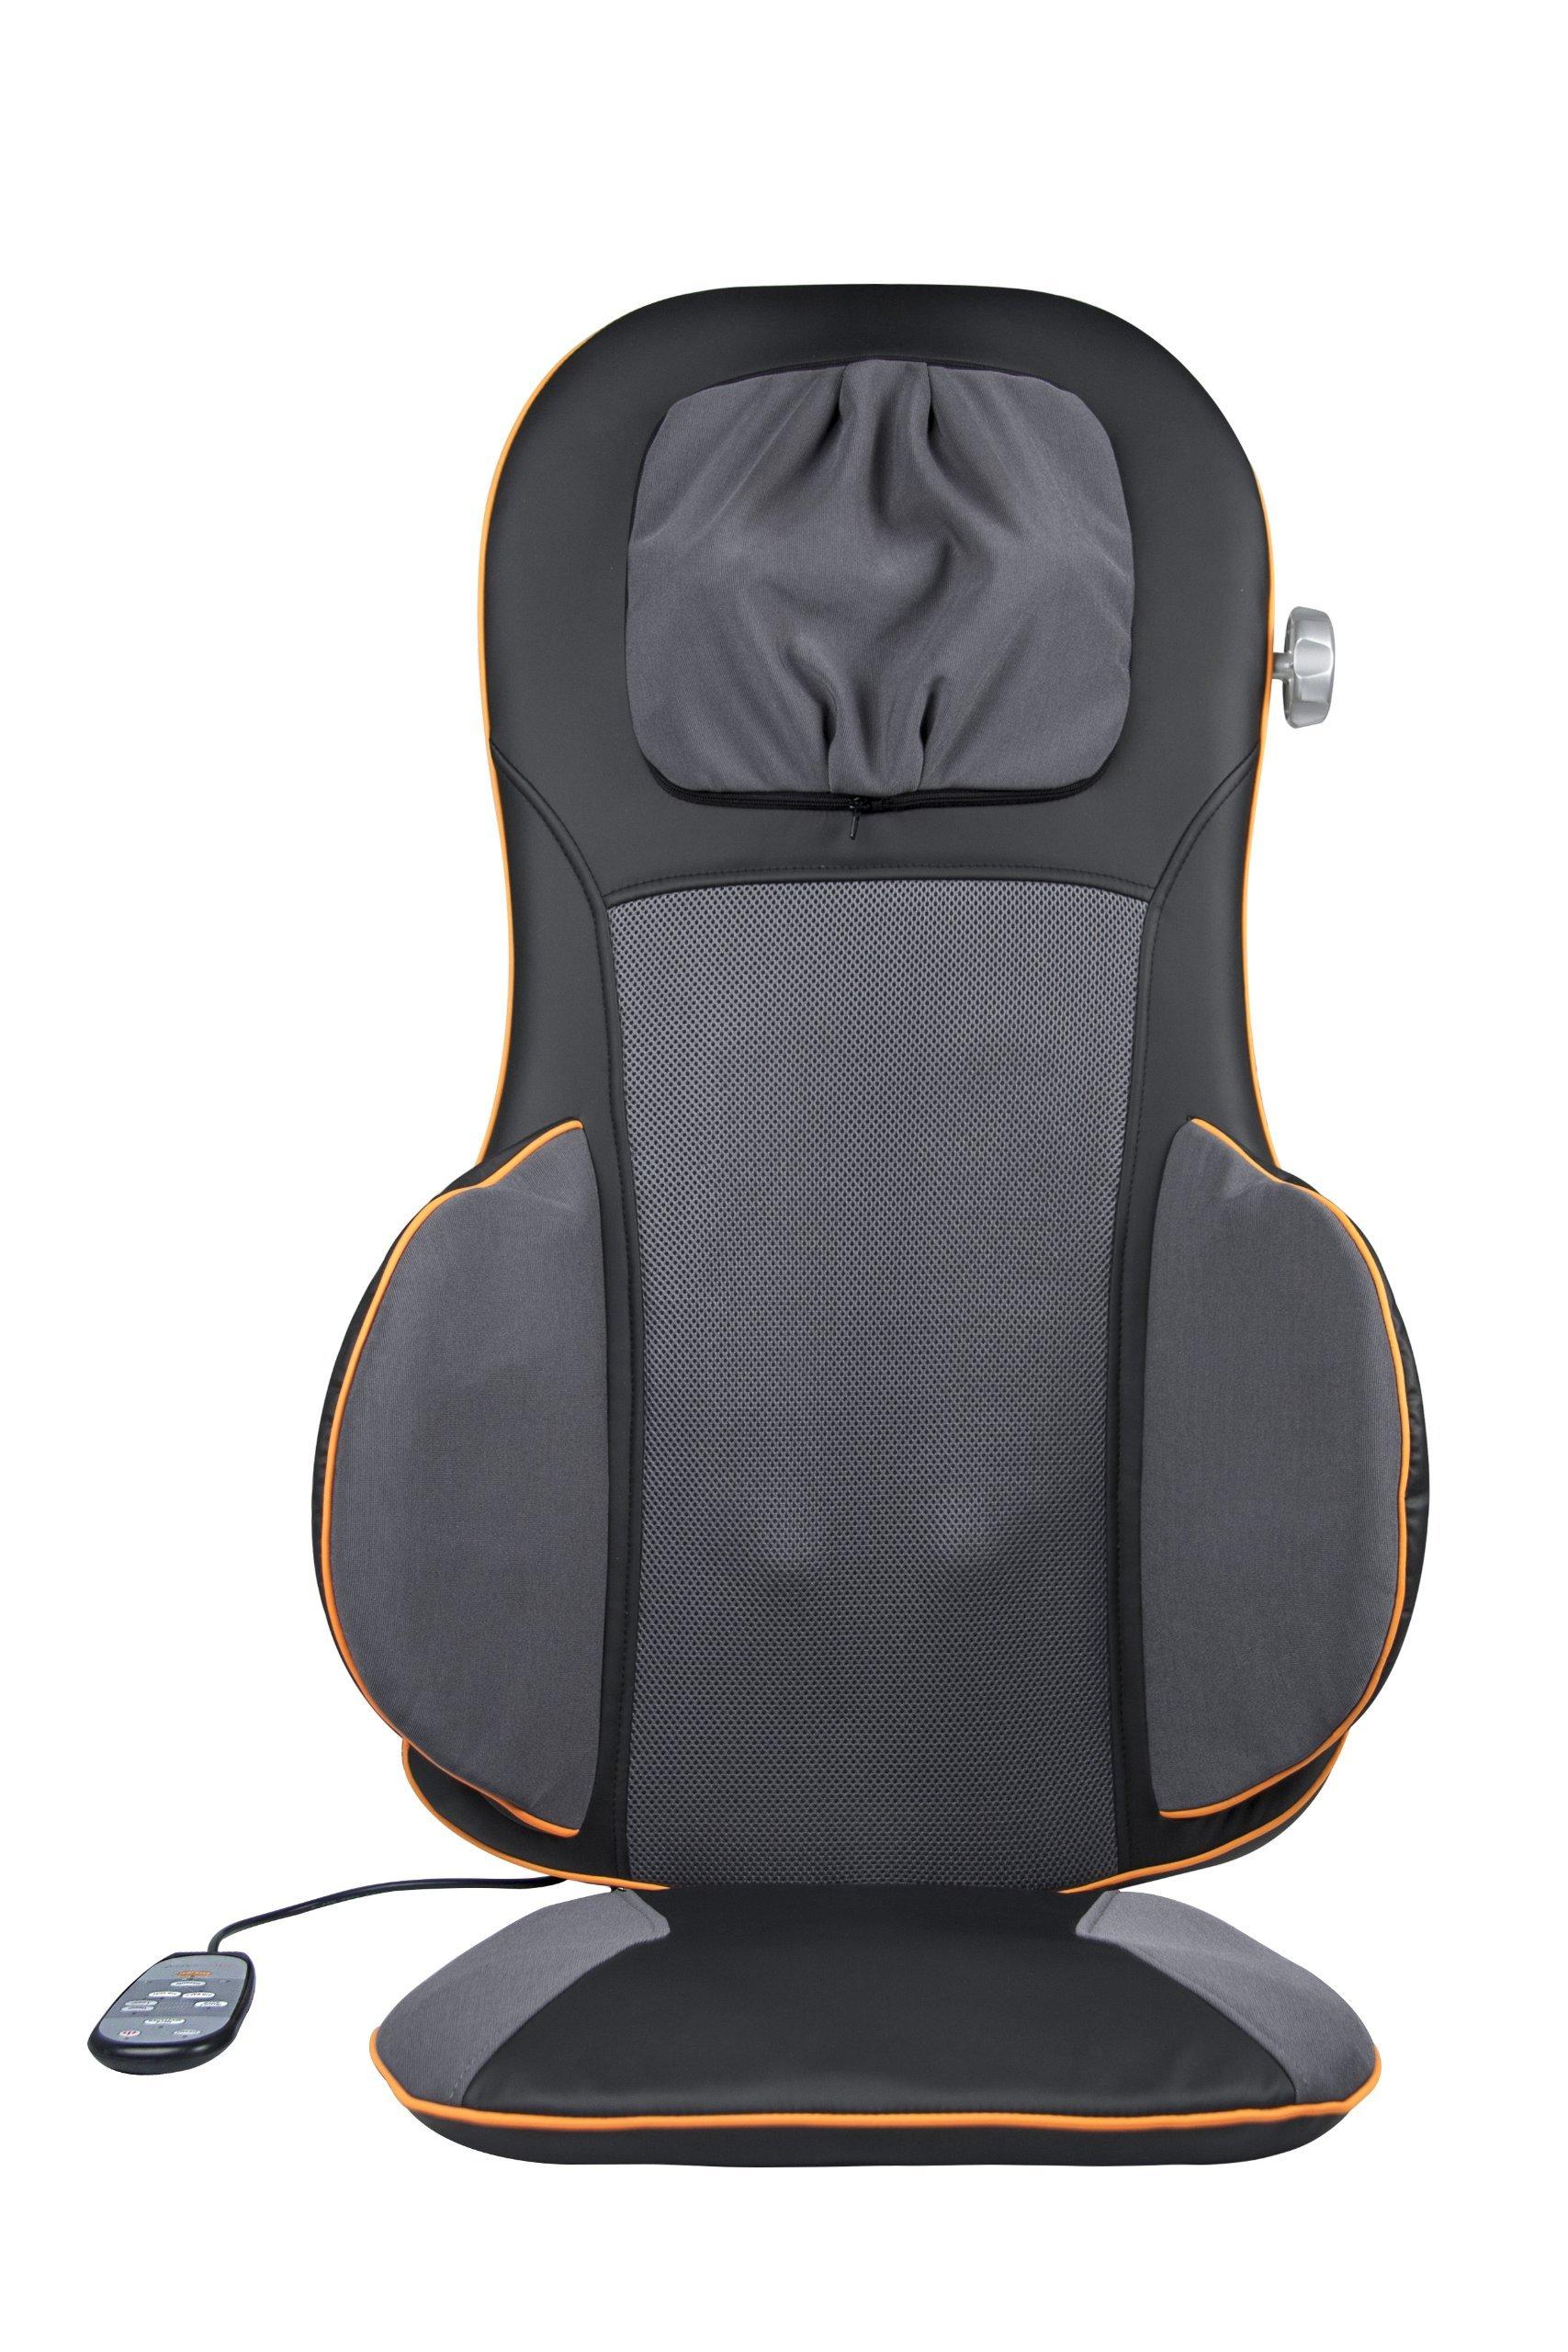 Medisana MC 825 Massageauflage 88939, mit Shiatsu- und Akupressur-Massagefunktion, inkl. Rotlicht- und Wärmefunktion product image